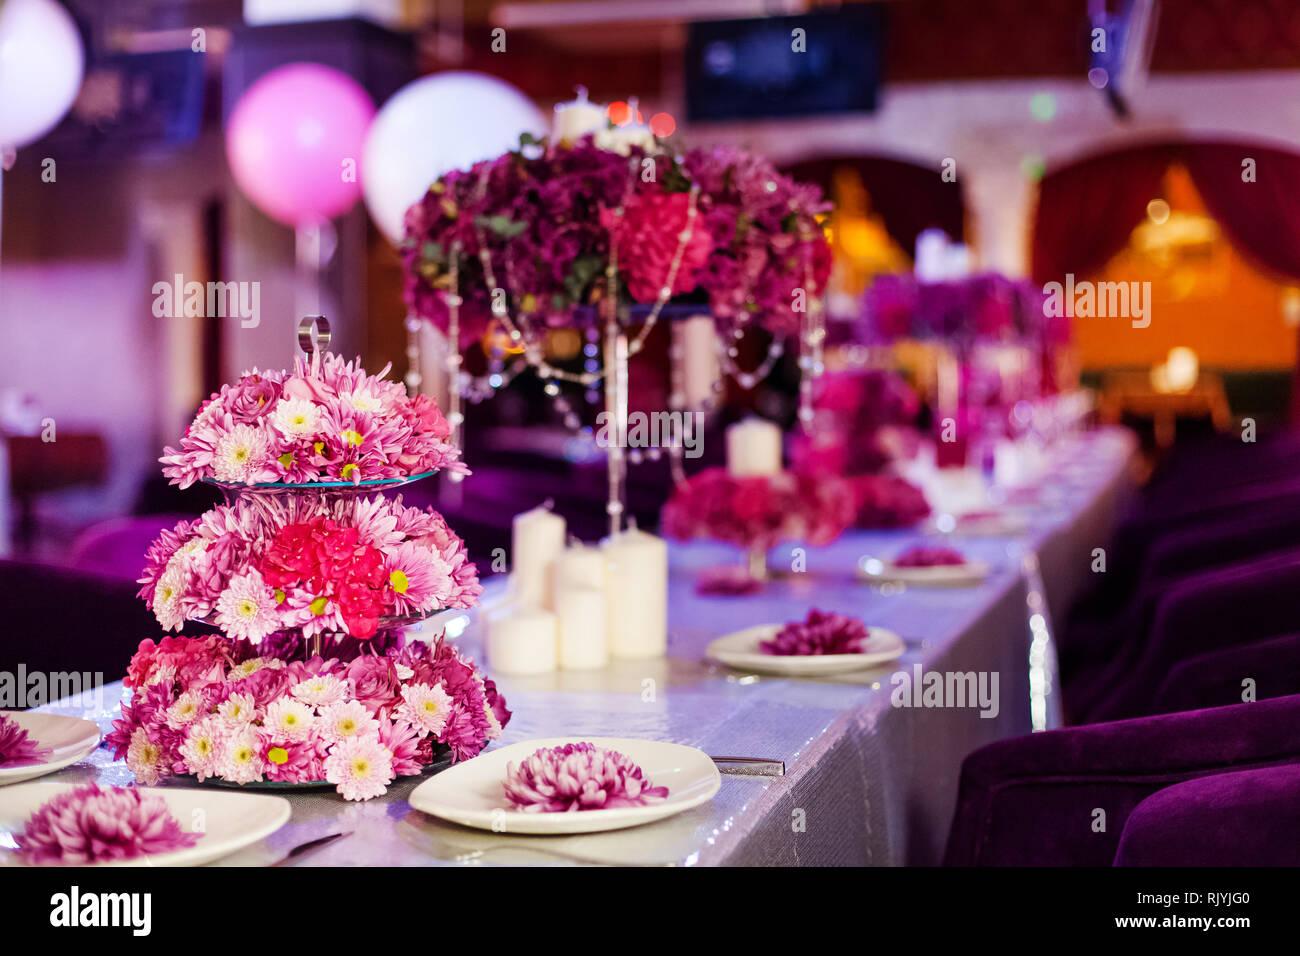 Hochzeit Tisch Blumen Und Weissen Kerzen Auf Dem Tisch Rosa Pionen